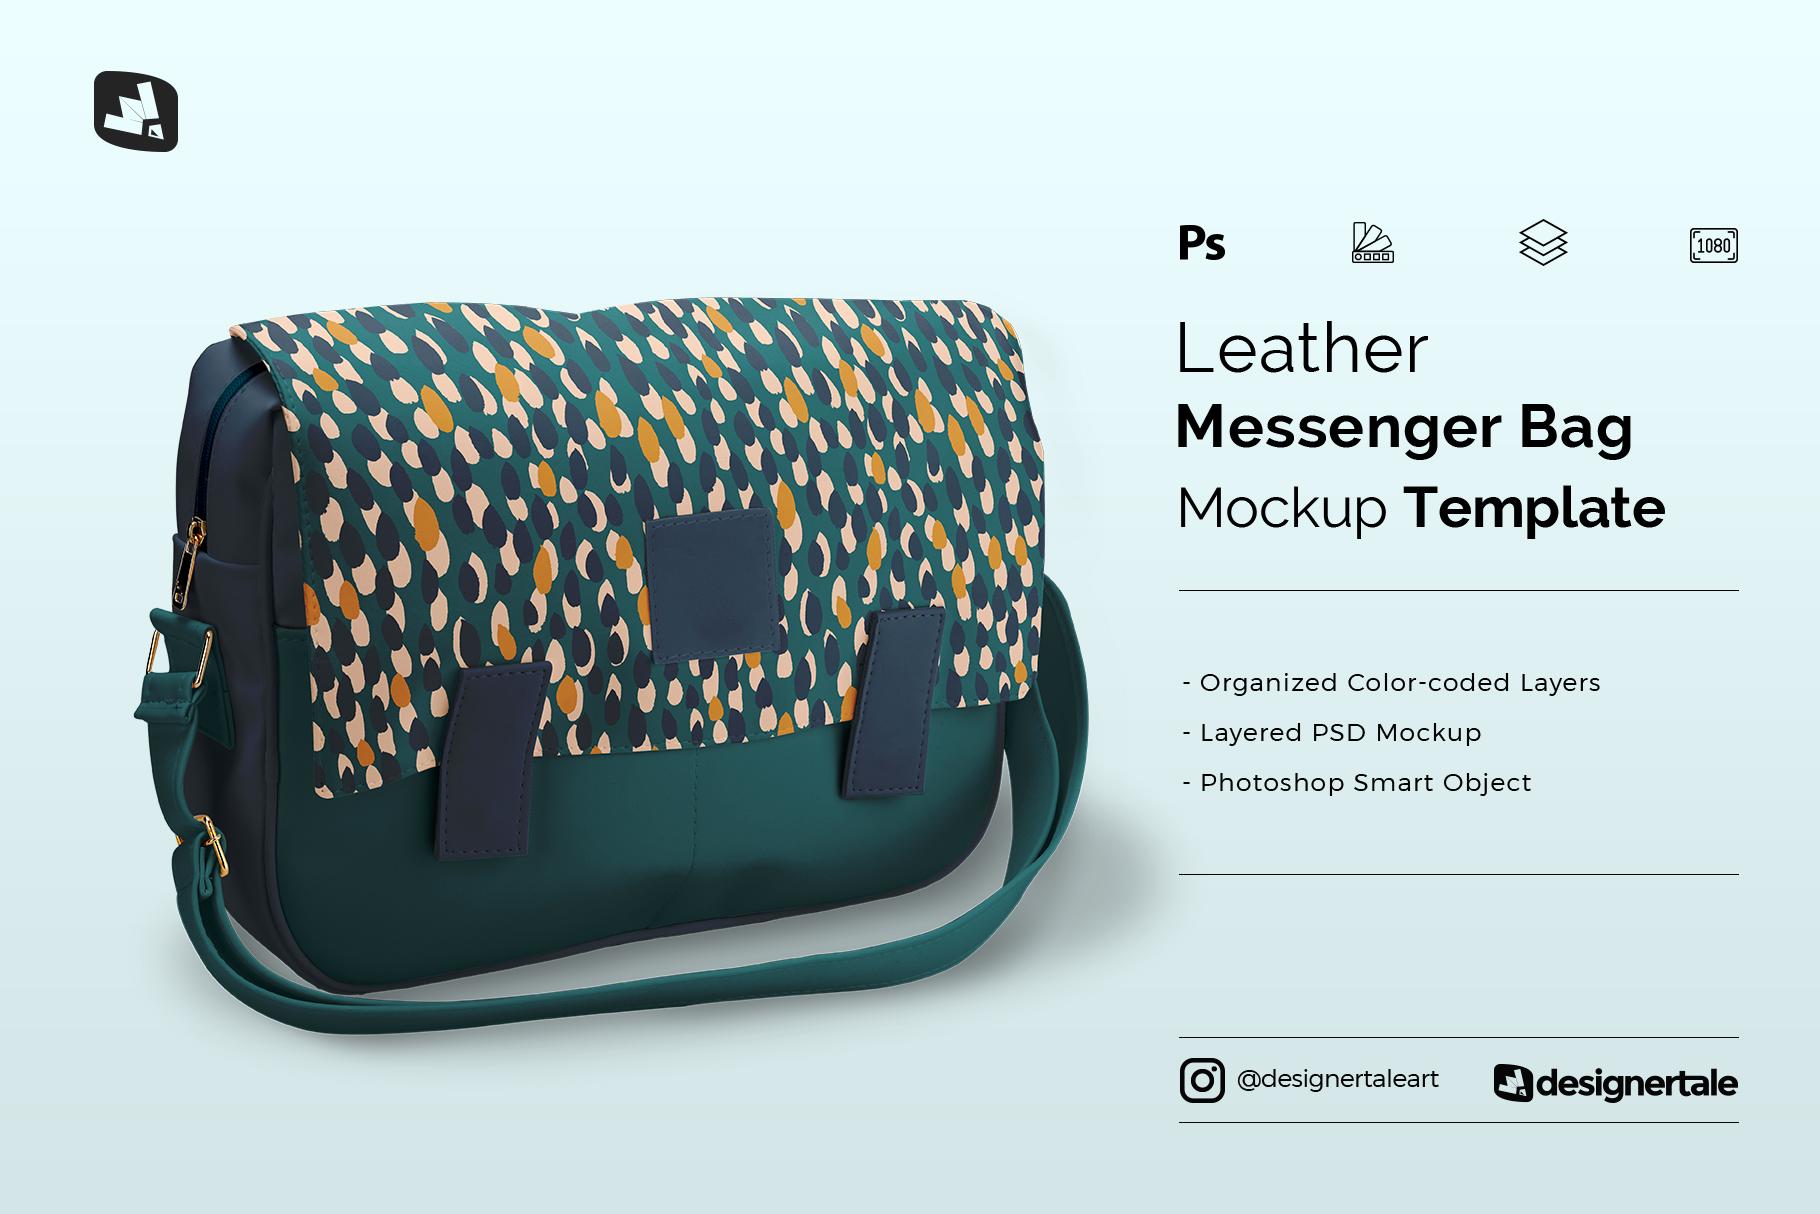 leather messenger bag mockup